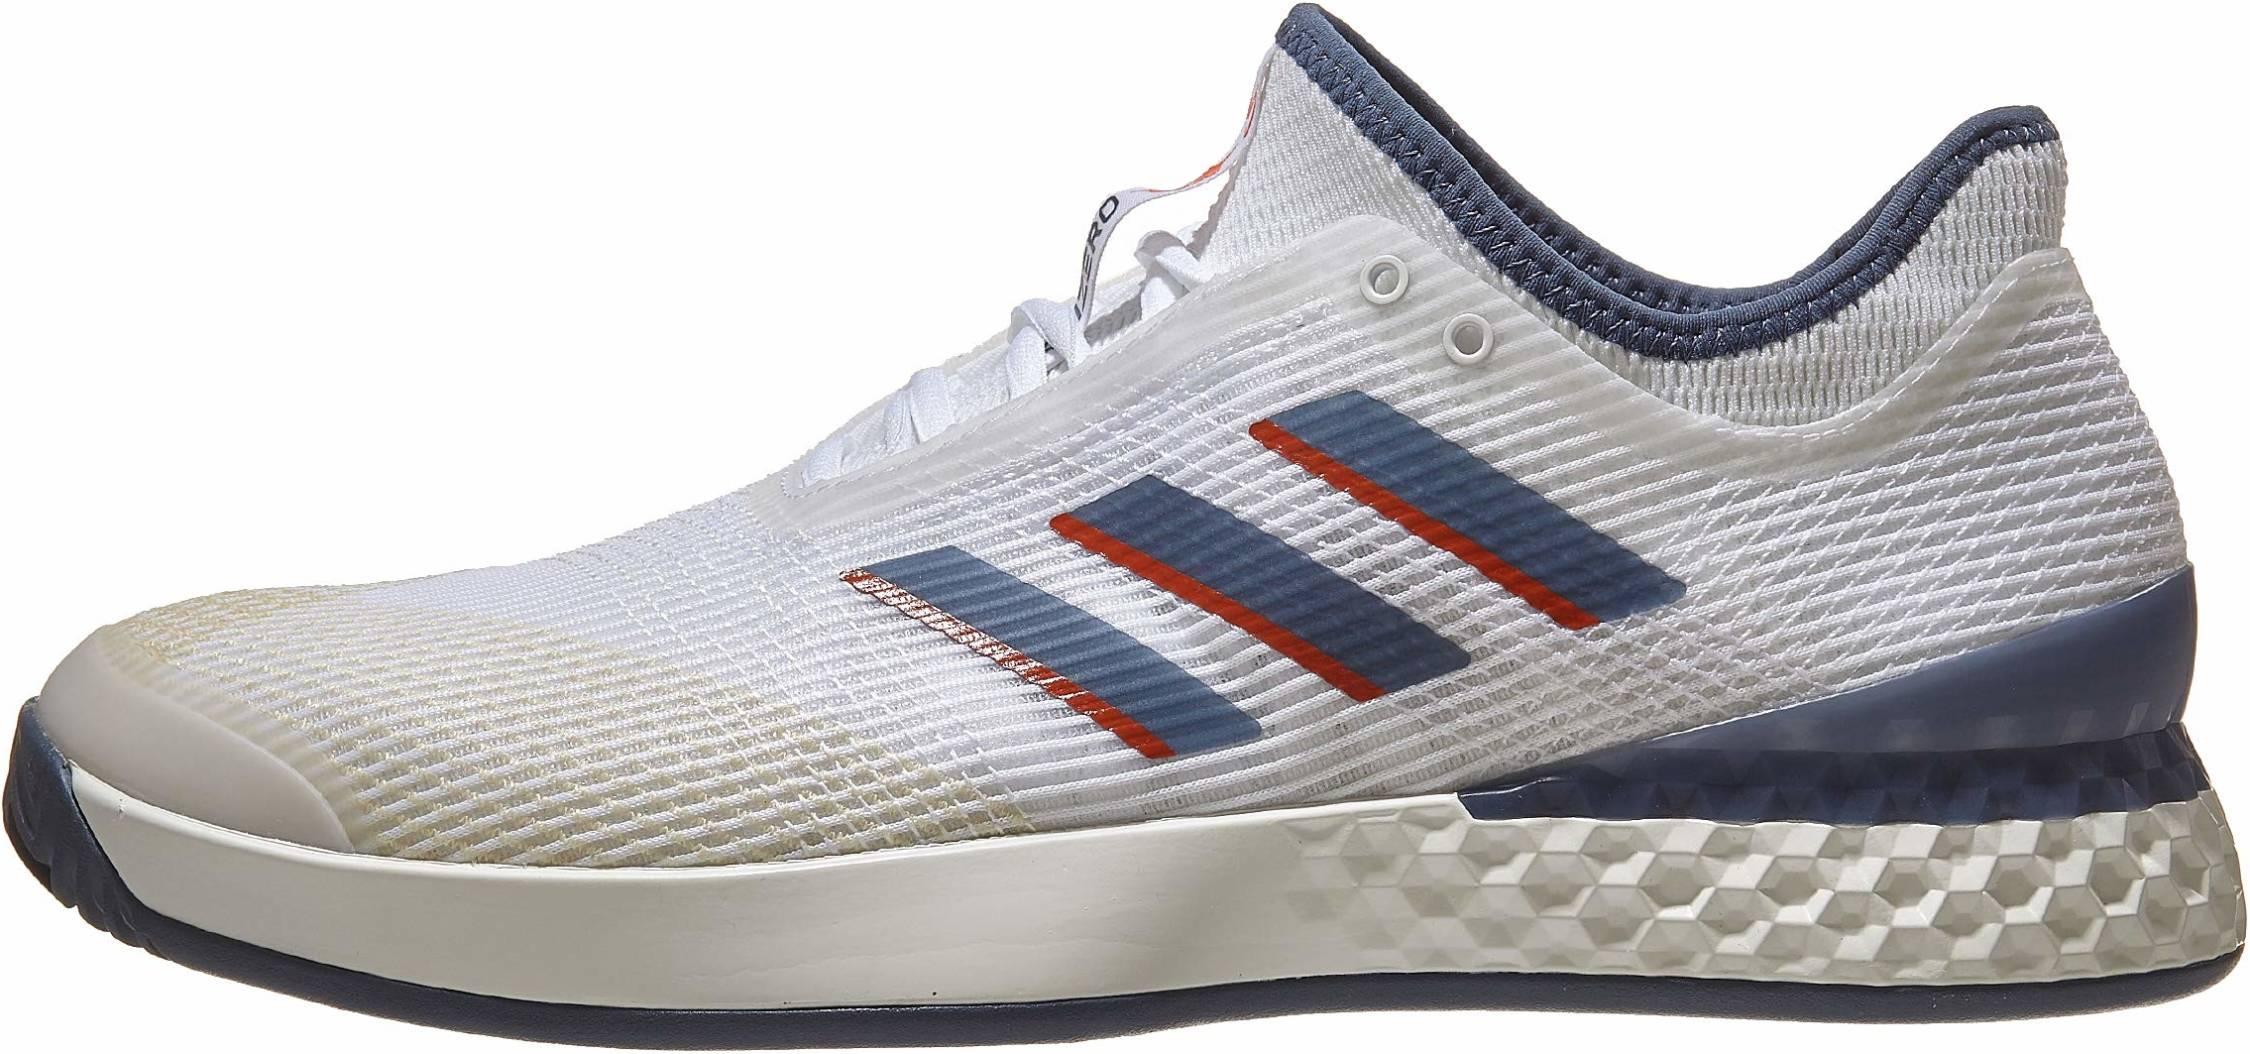 chaussures adidas adizero ubersonic 3